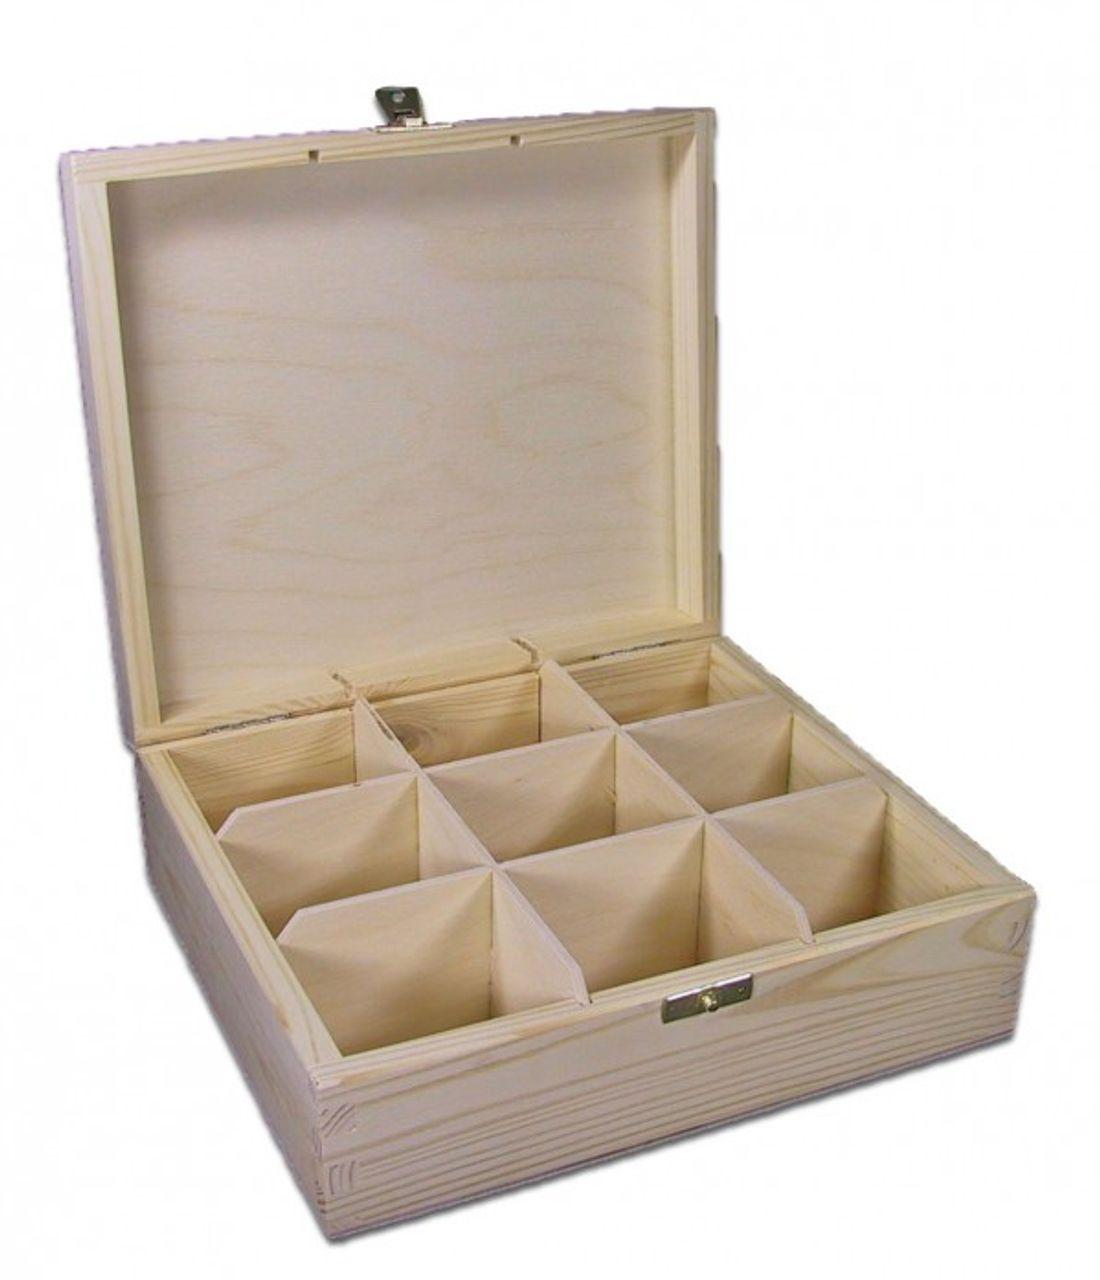 Teekiste, Teebox, Teebeutel-Box mit 9 Fächern Holz, Kiefer unbehandelt